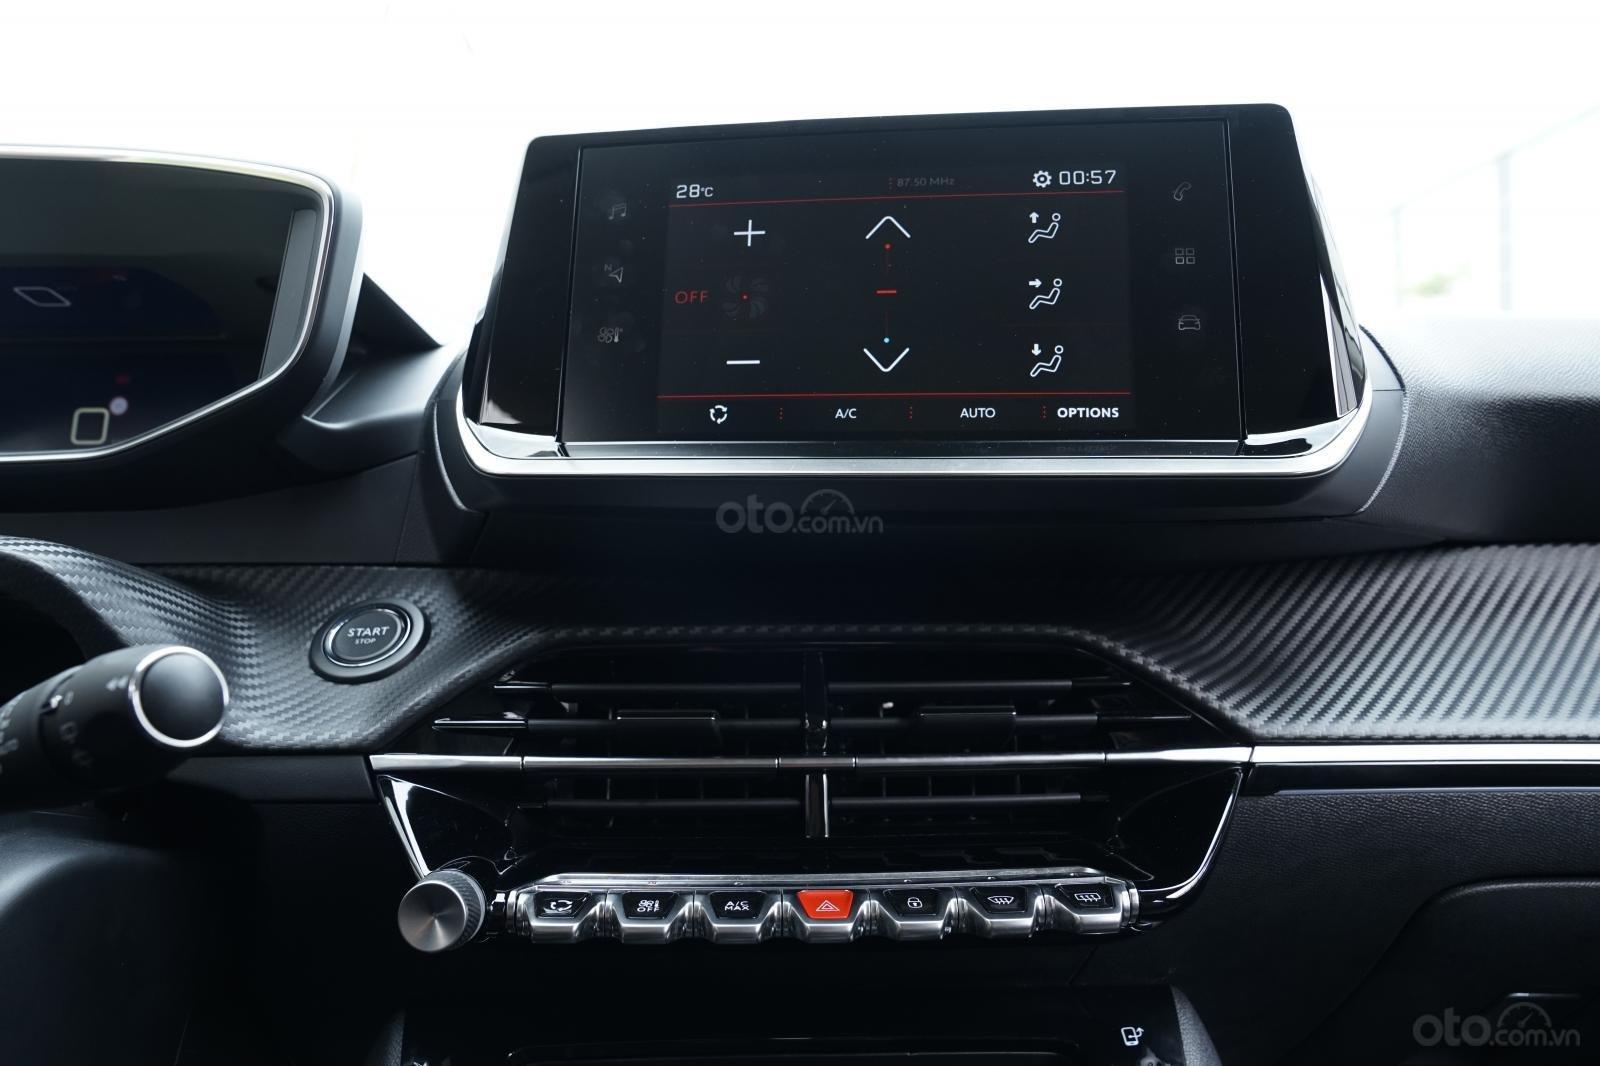 Siêu phẩm SUV - Peugeot 2008, liên hệ ngay để nhận nhiều ưu đãi hấp dẫn! (4)